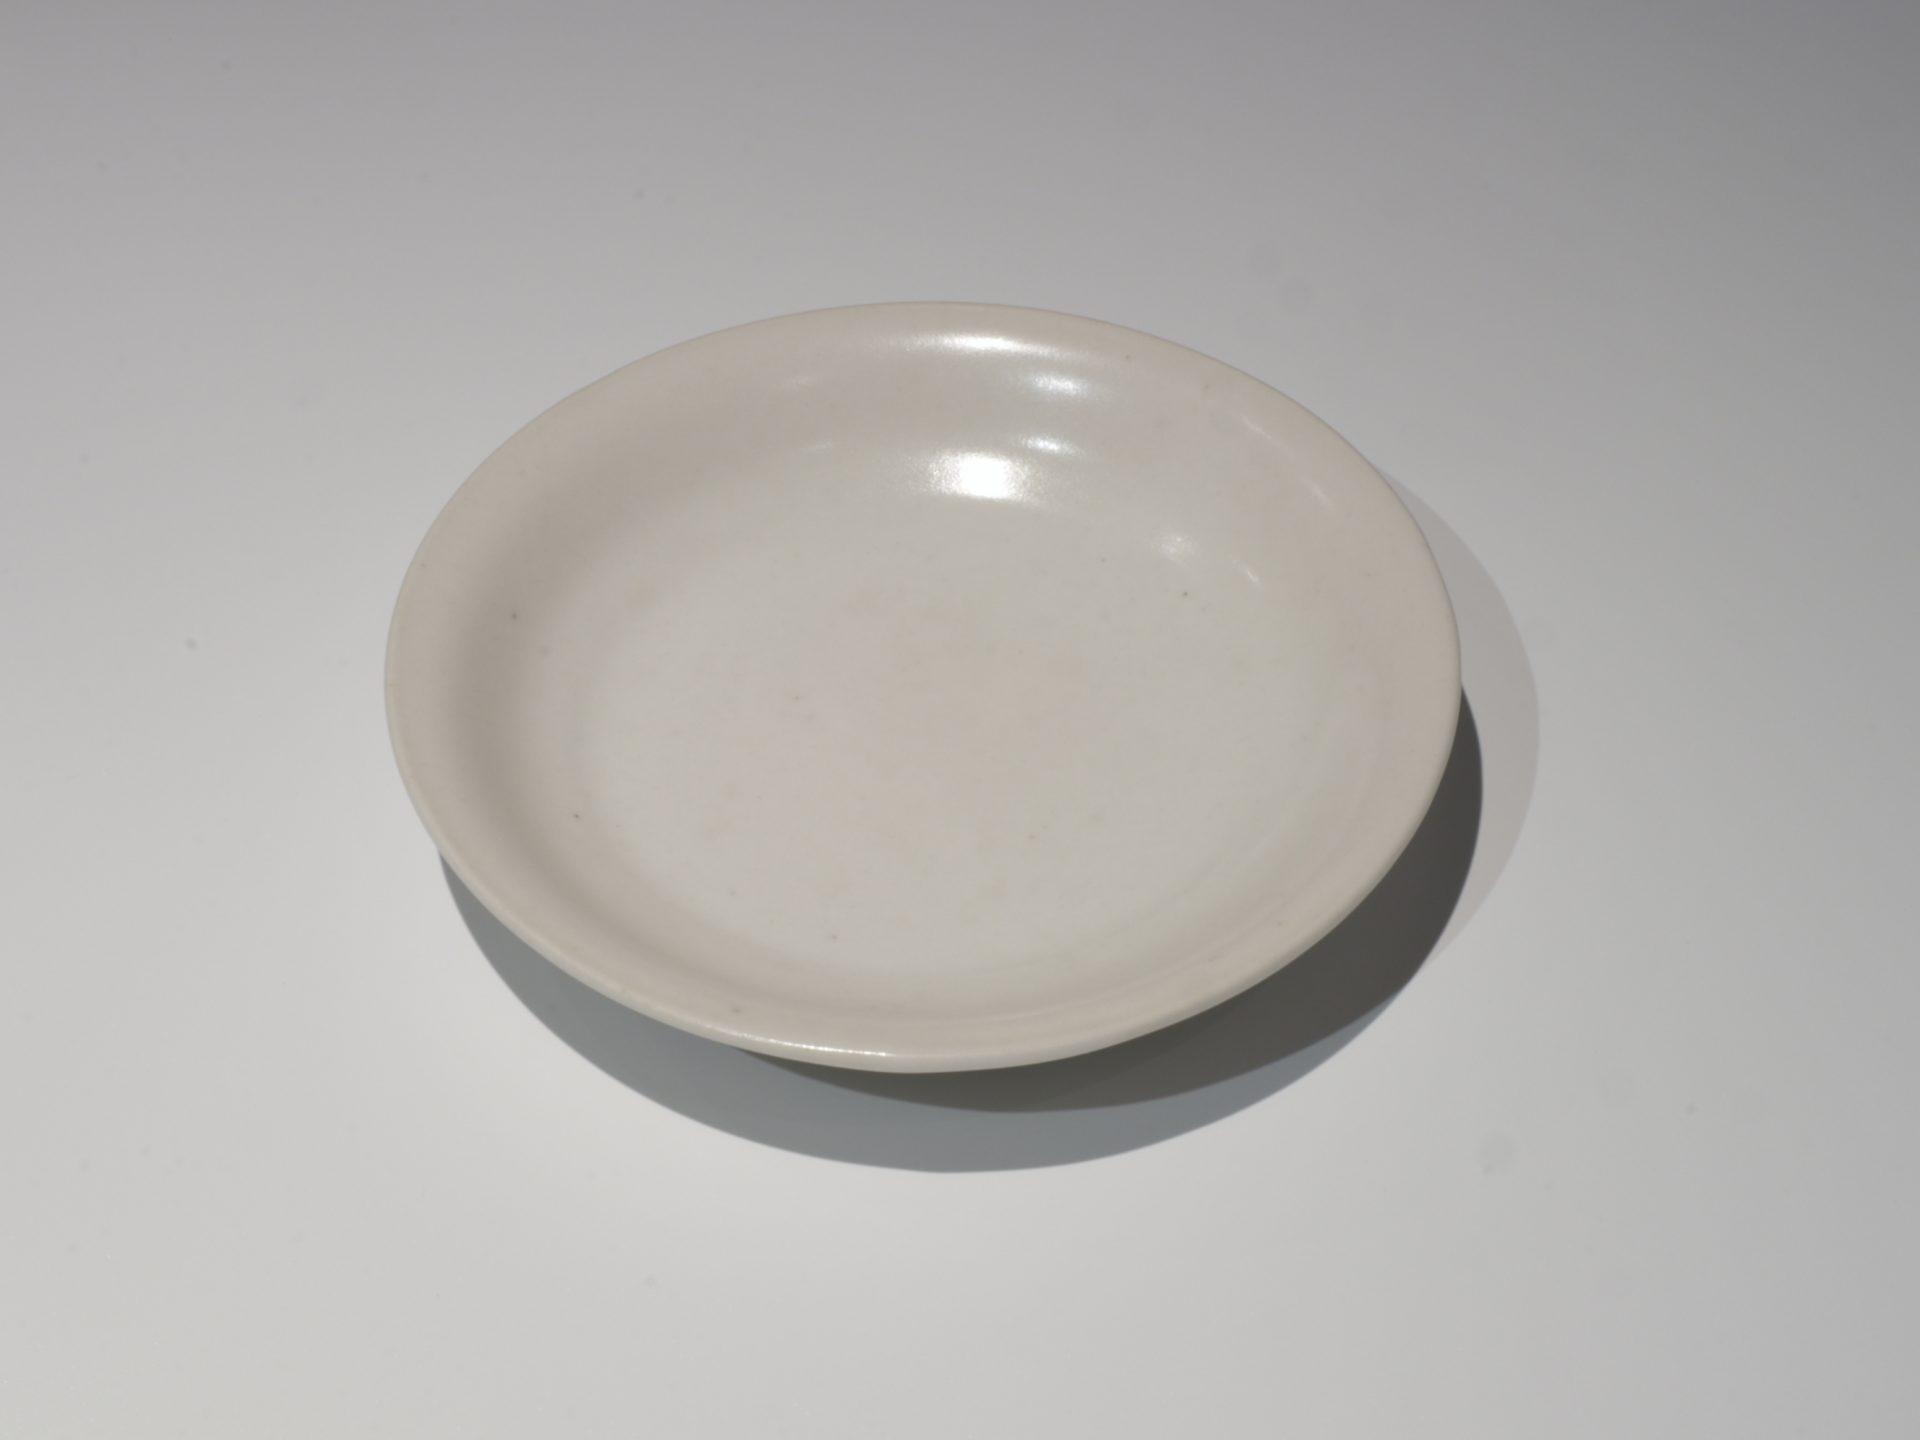 岸野寛 伊賀 白釉 白磁 皿 食器